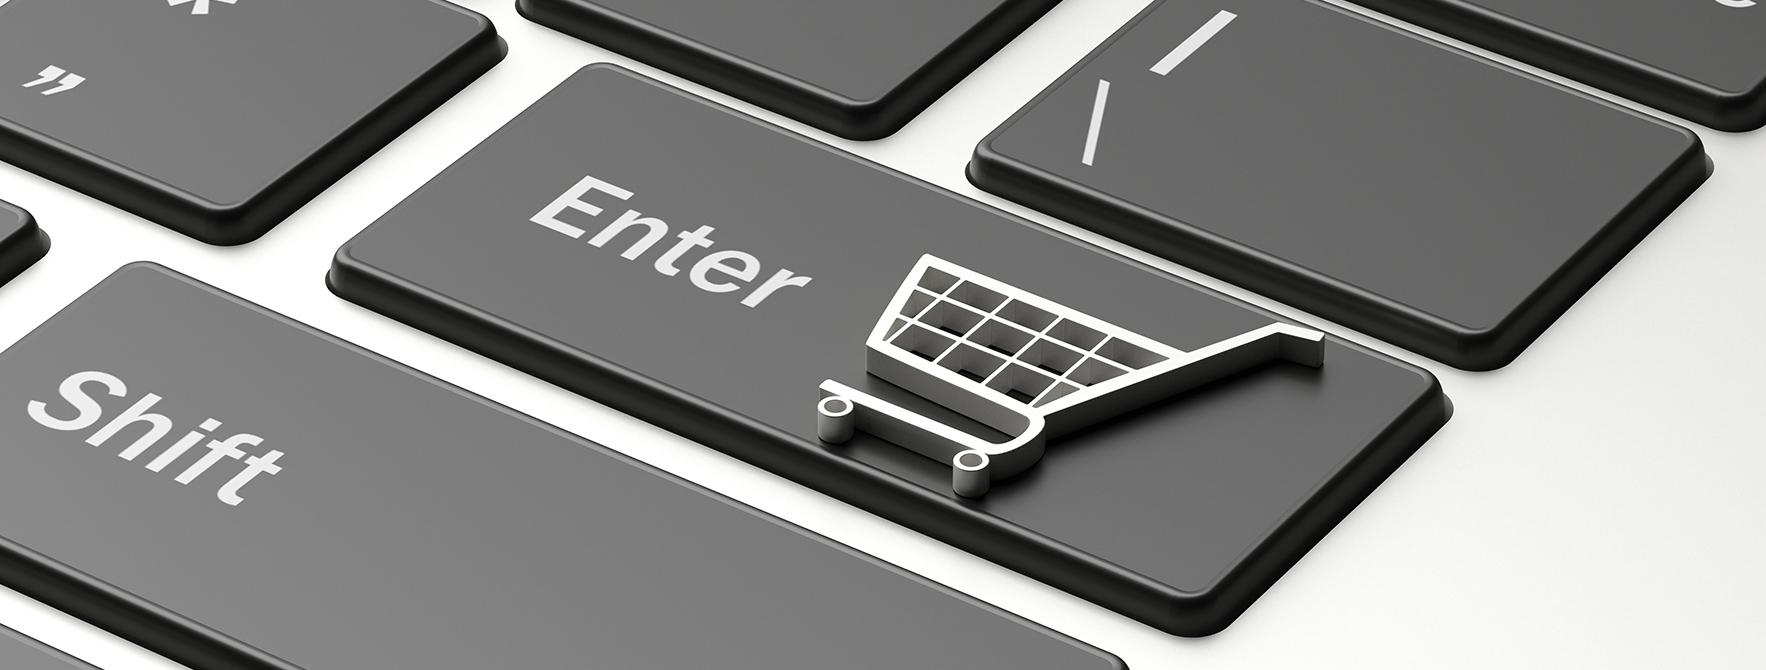 Onlineshop Warenwirtschaft Ecommerce Steuerbuero